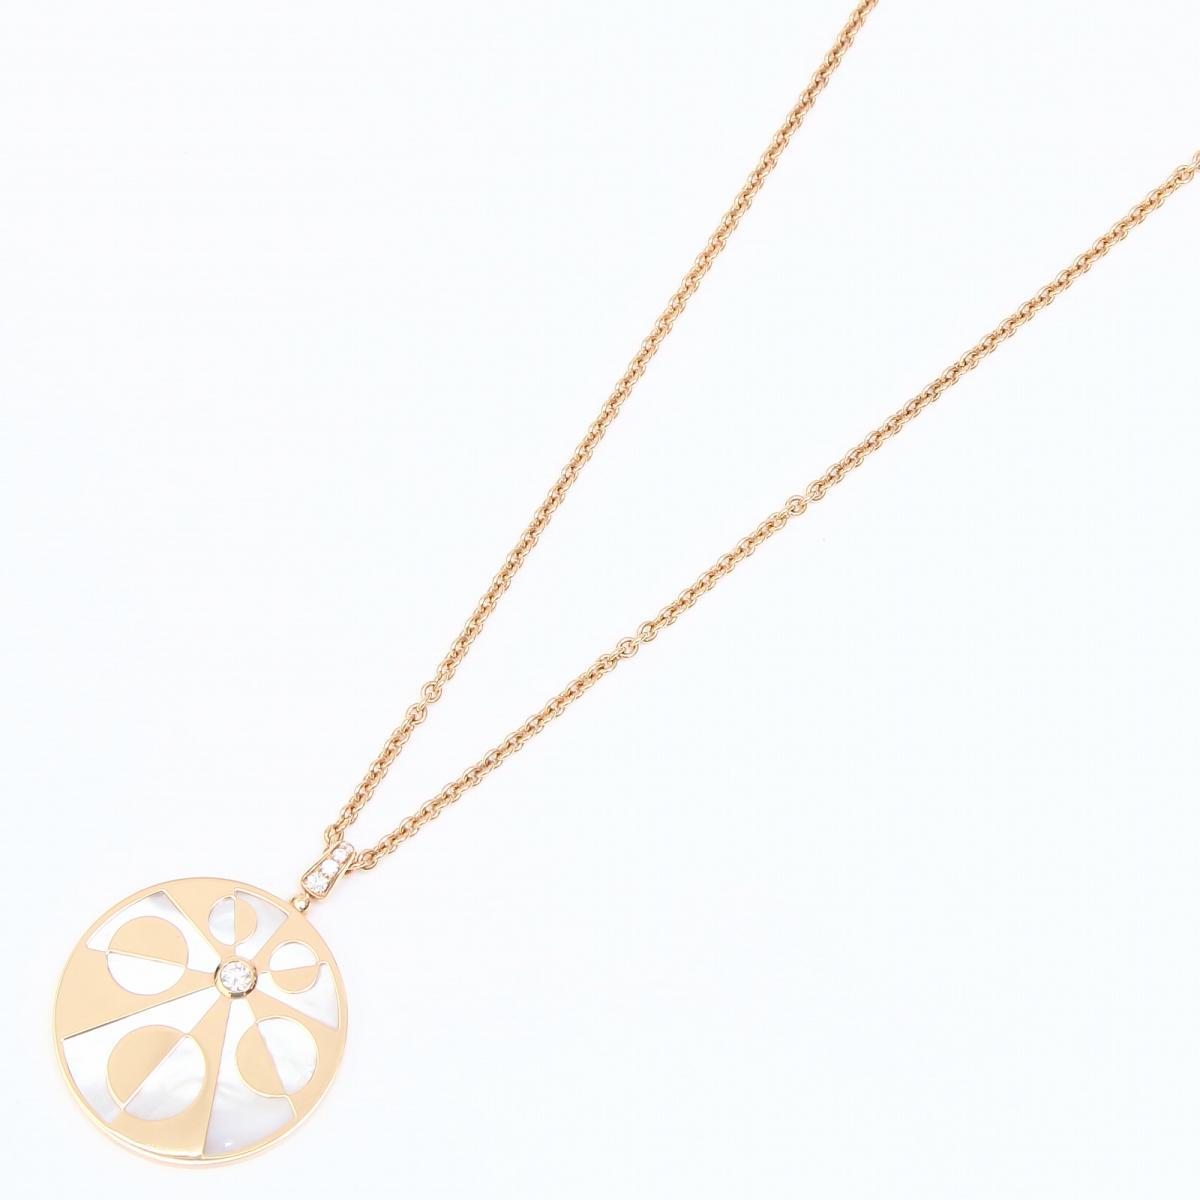 インタルシオ ダイヤモンド ネックレス